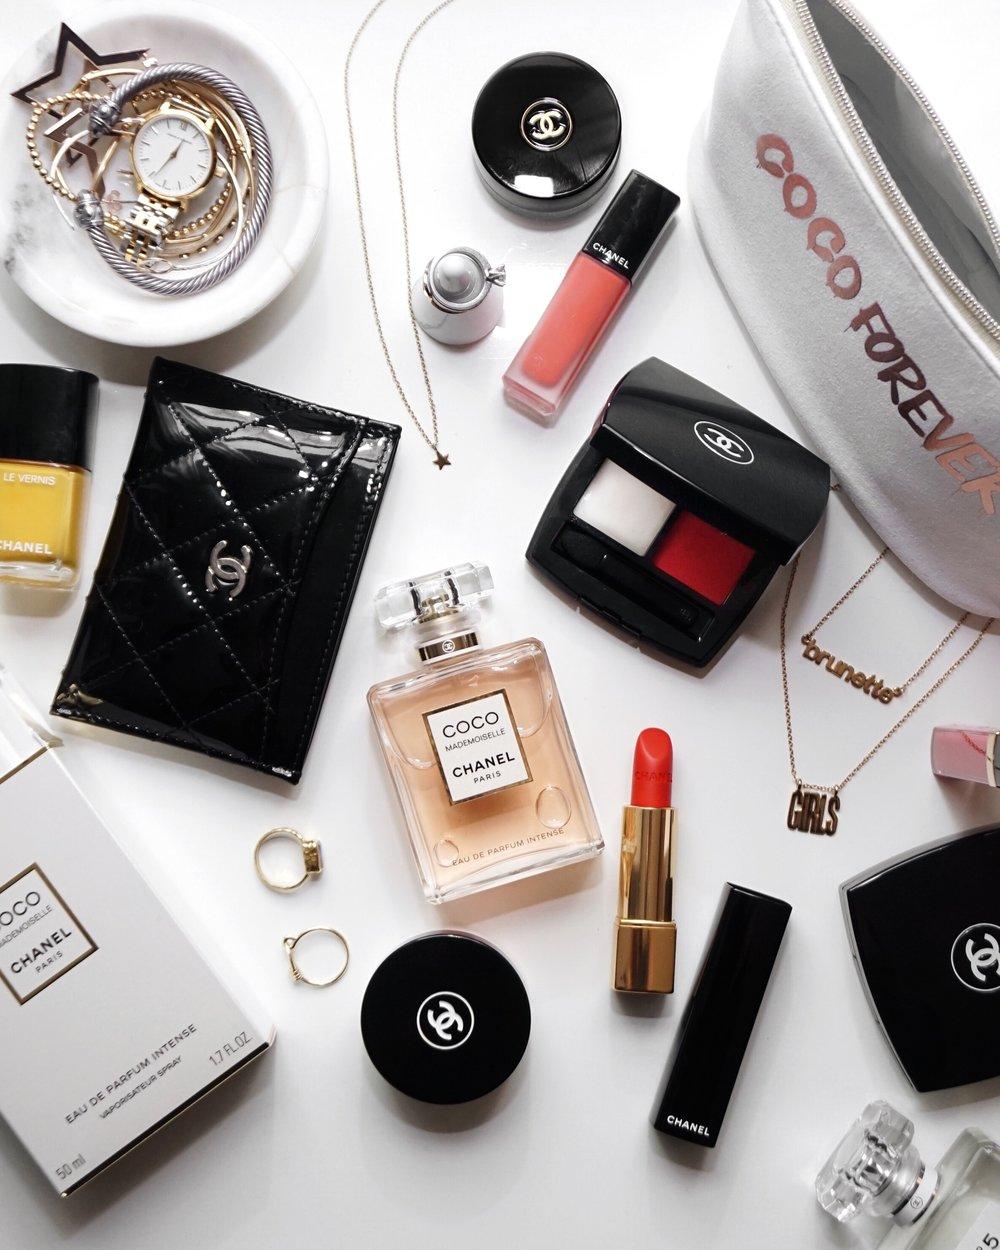 CHANLE makeup collection Coco Mademoiselle eau de Parfum Intense - woahstyle.com.jpg